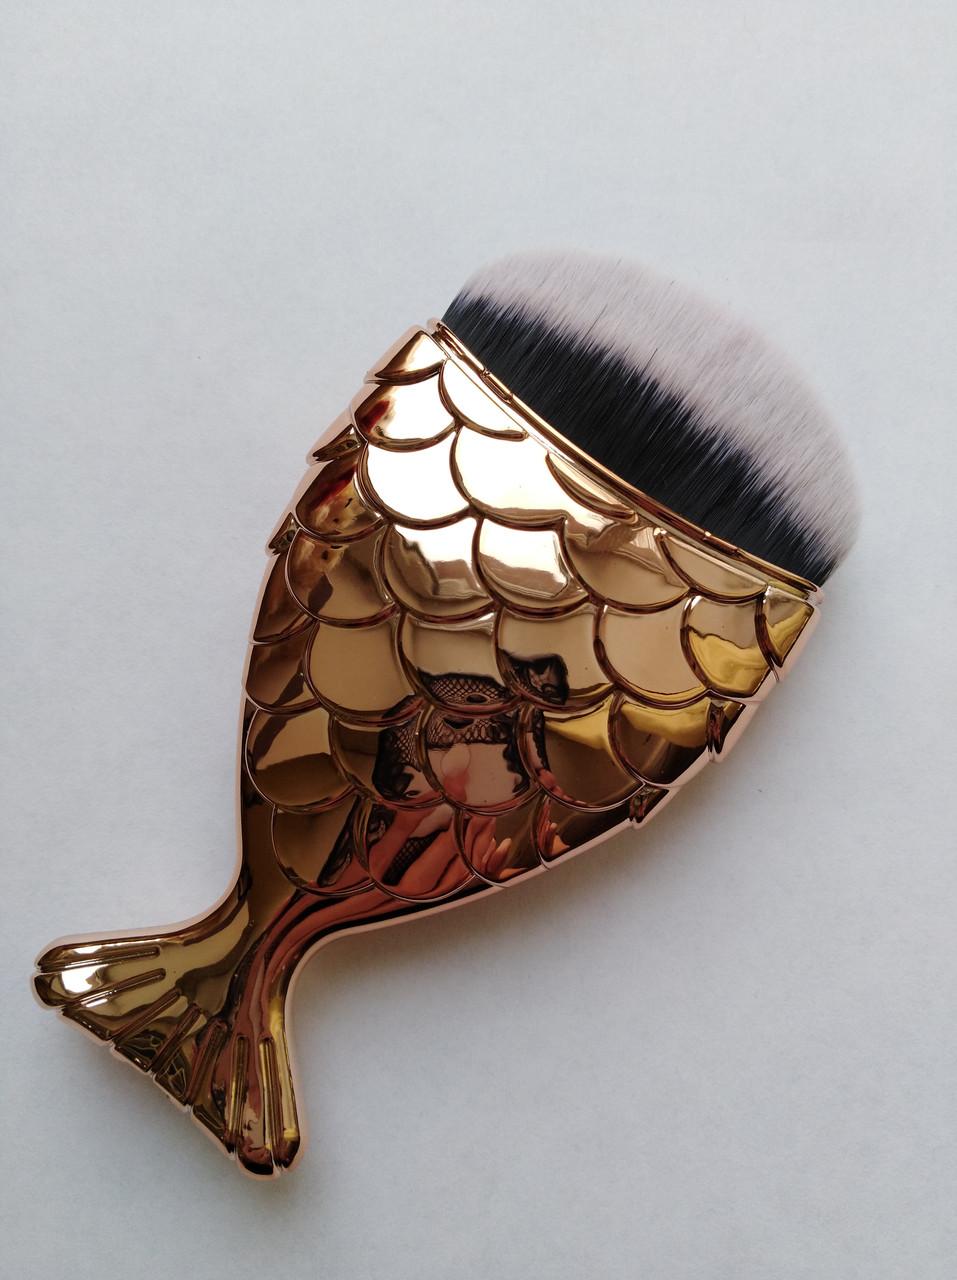 Щетка-рыбка для удаления пыли, розовое золото